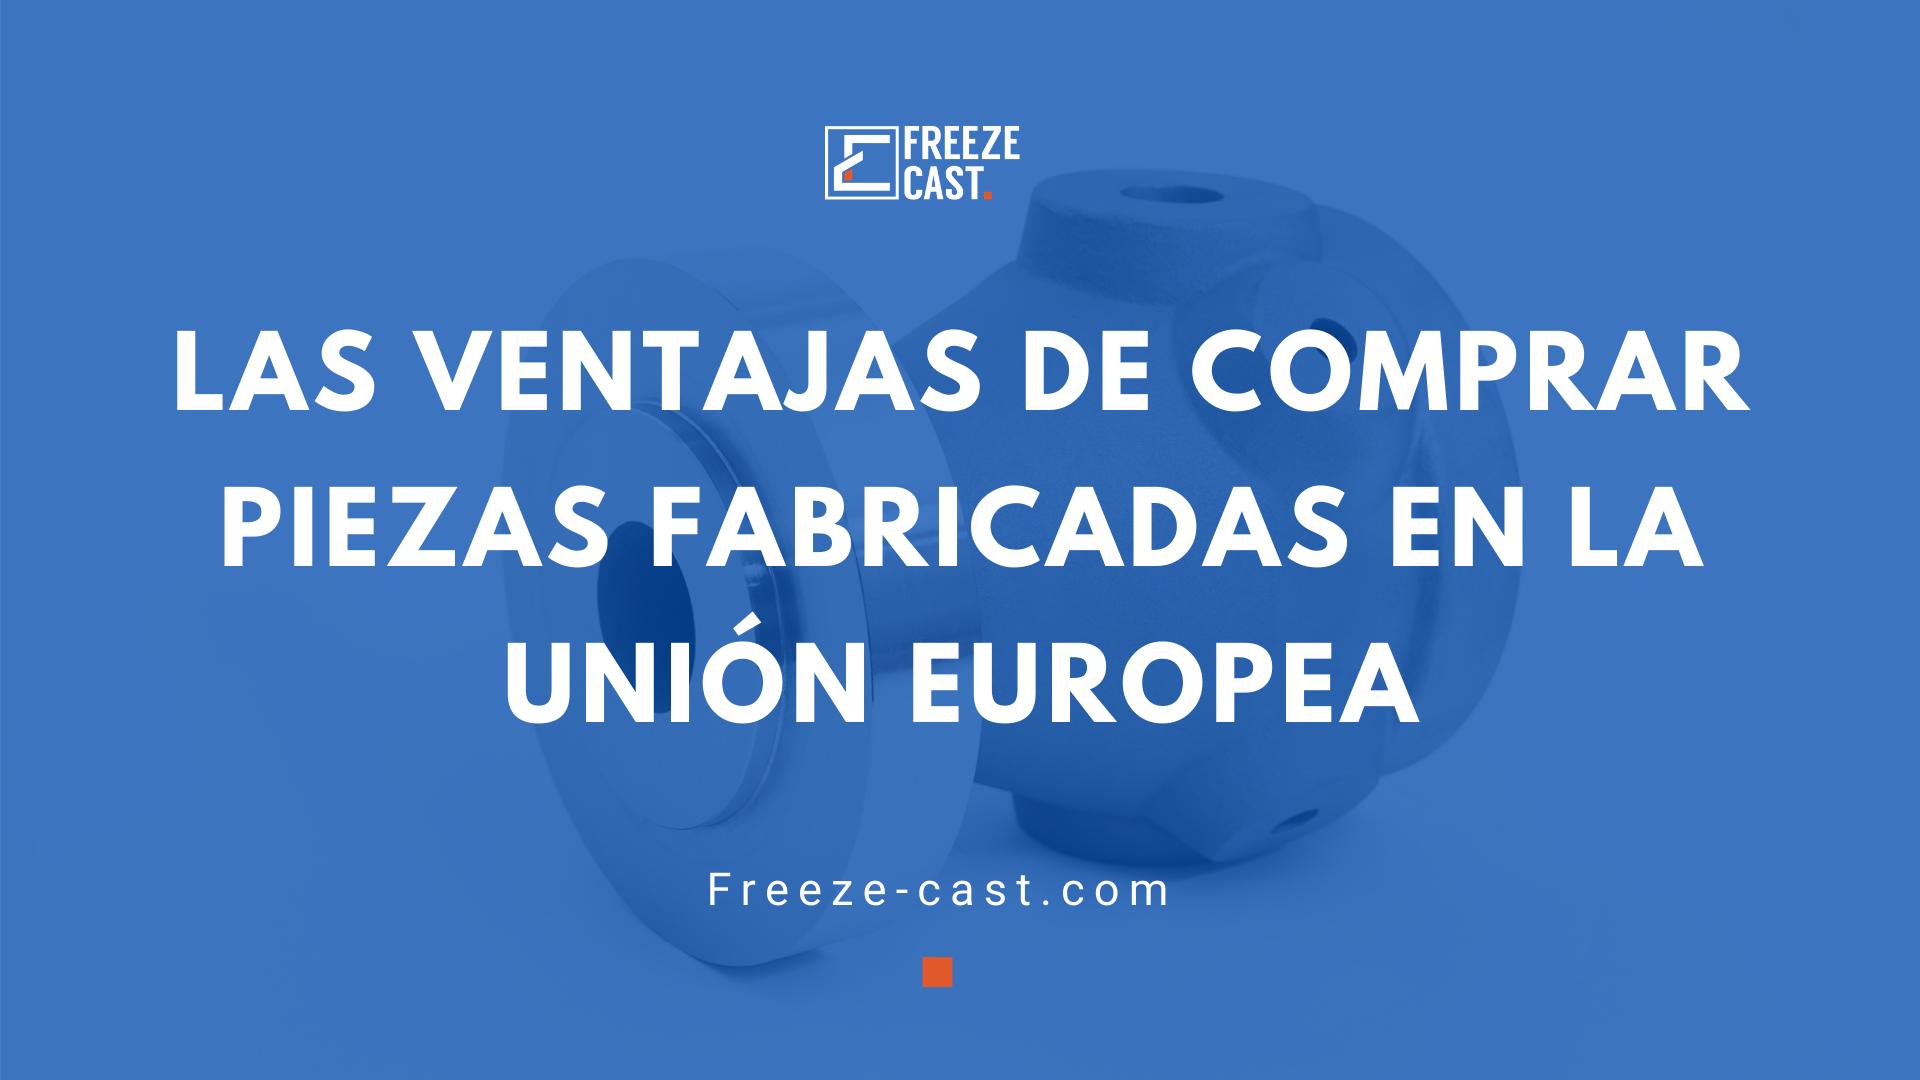 Las ventajas de comprar piezas fabricadas en la Unión Europea